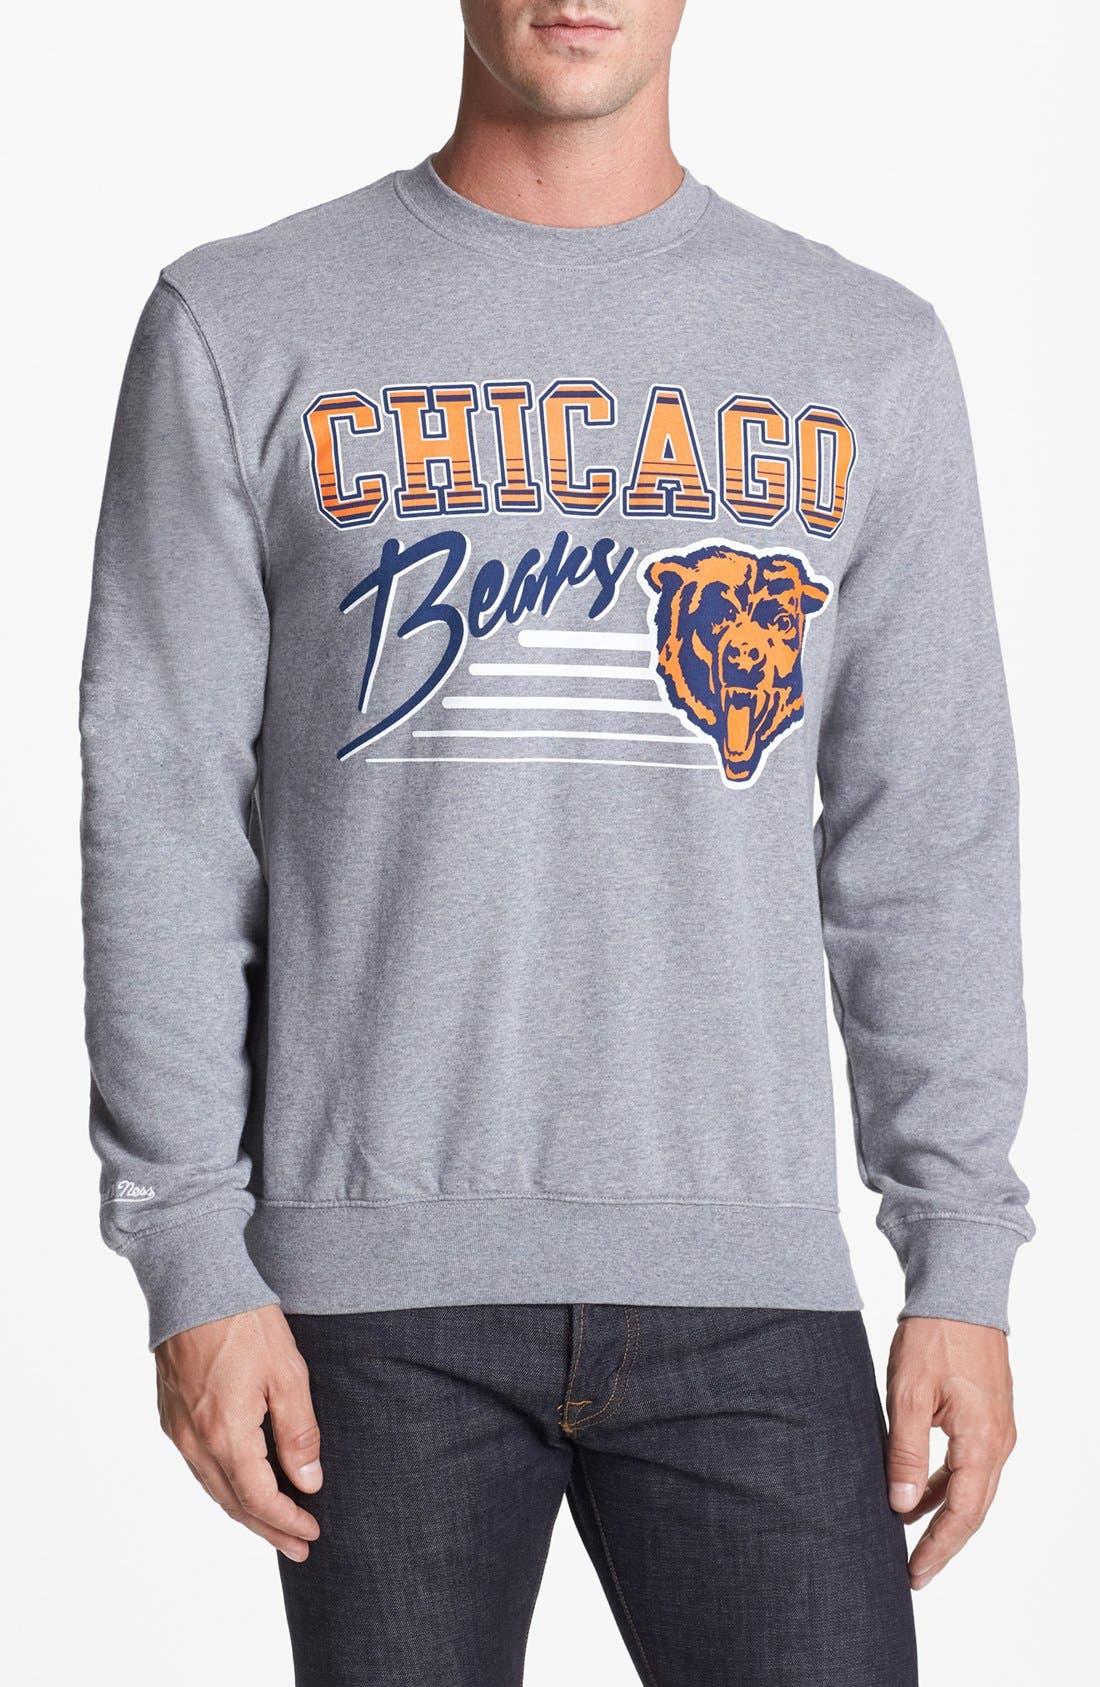 Main Image - Mitchell & Ness 'Chicago Bears' Sweatshirt